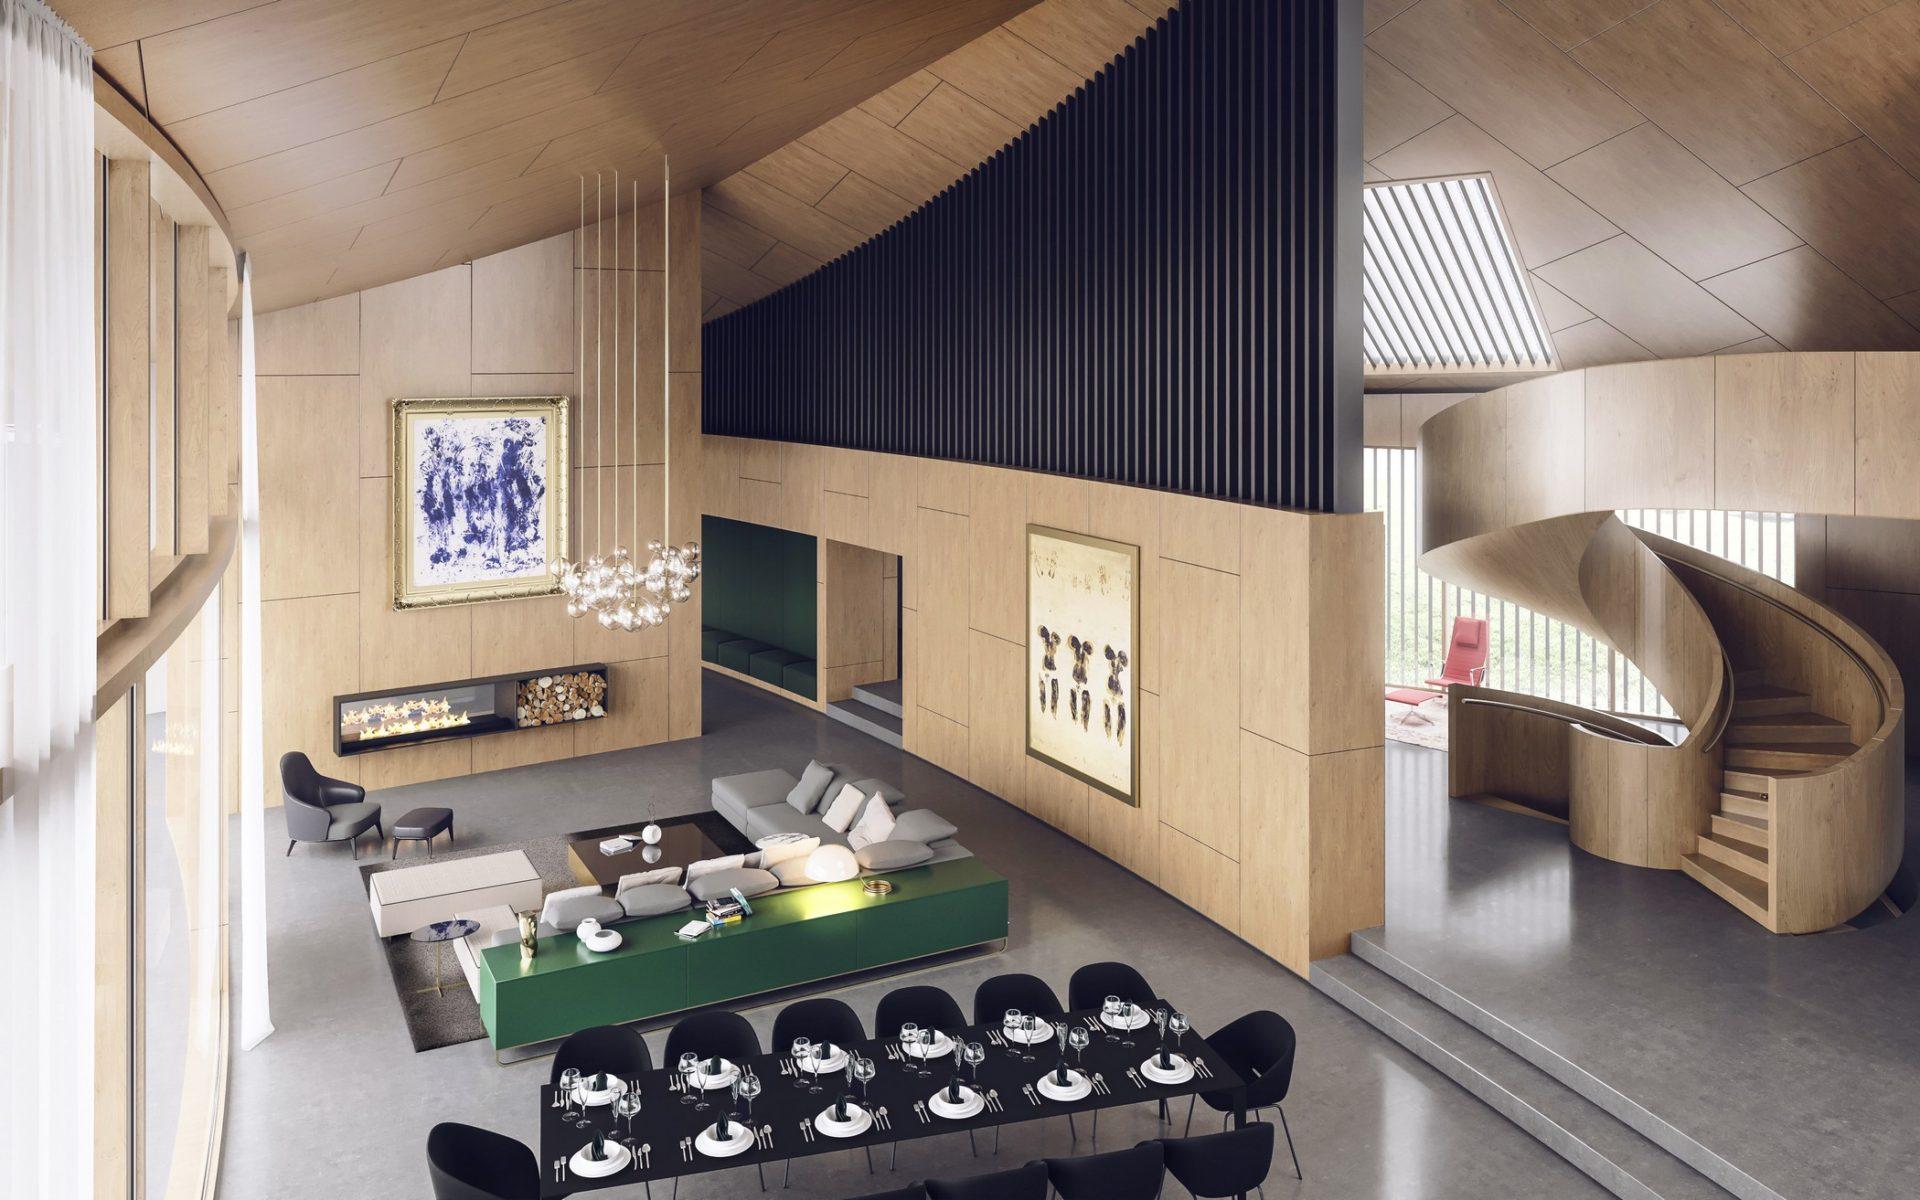 kominek salon w dom jednorodzinny w drewnie wizualizacja